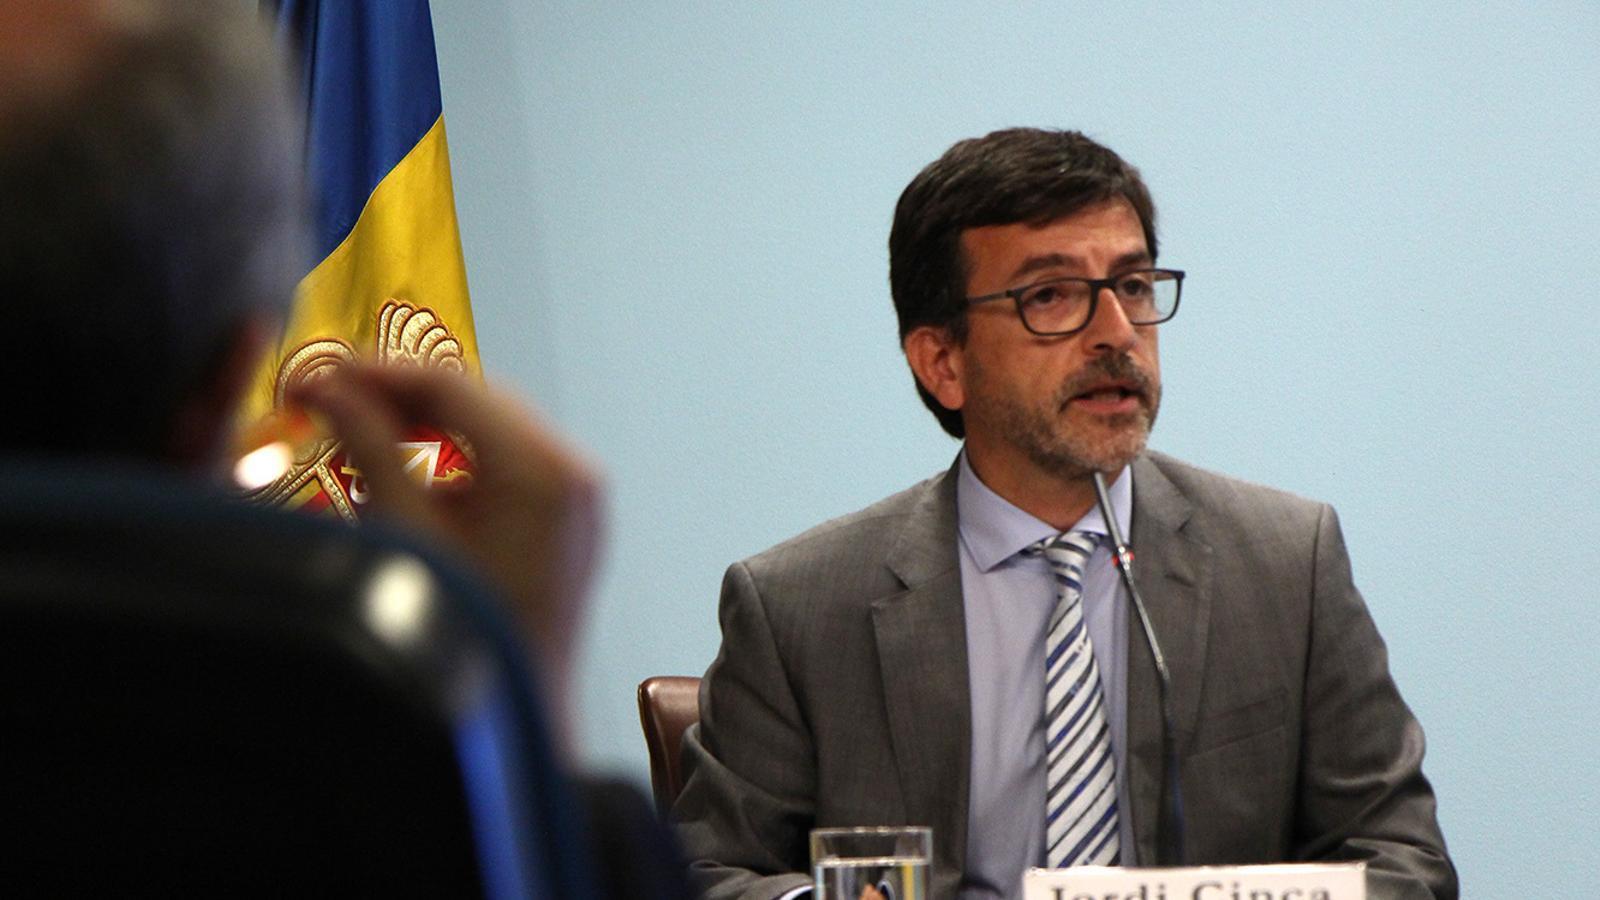 El ministre portaveu, Jordi Cinca. / M. M. (ANA)